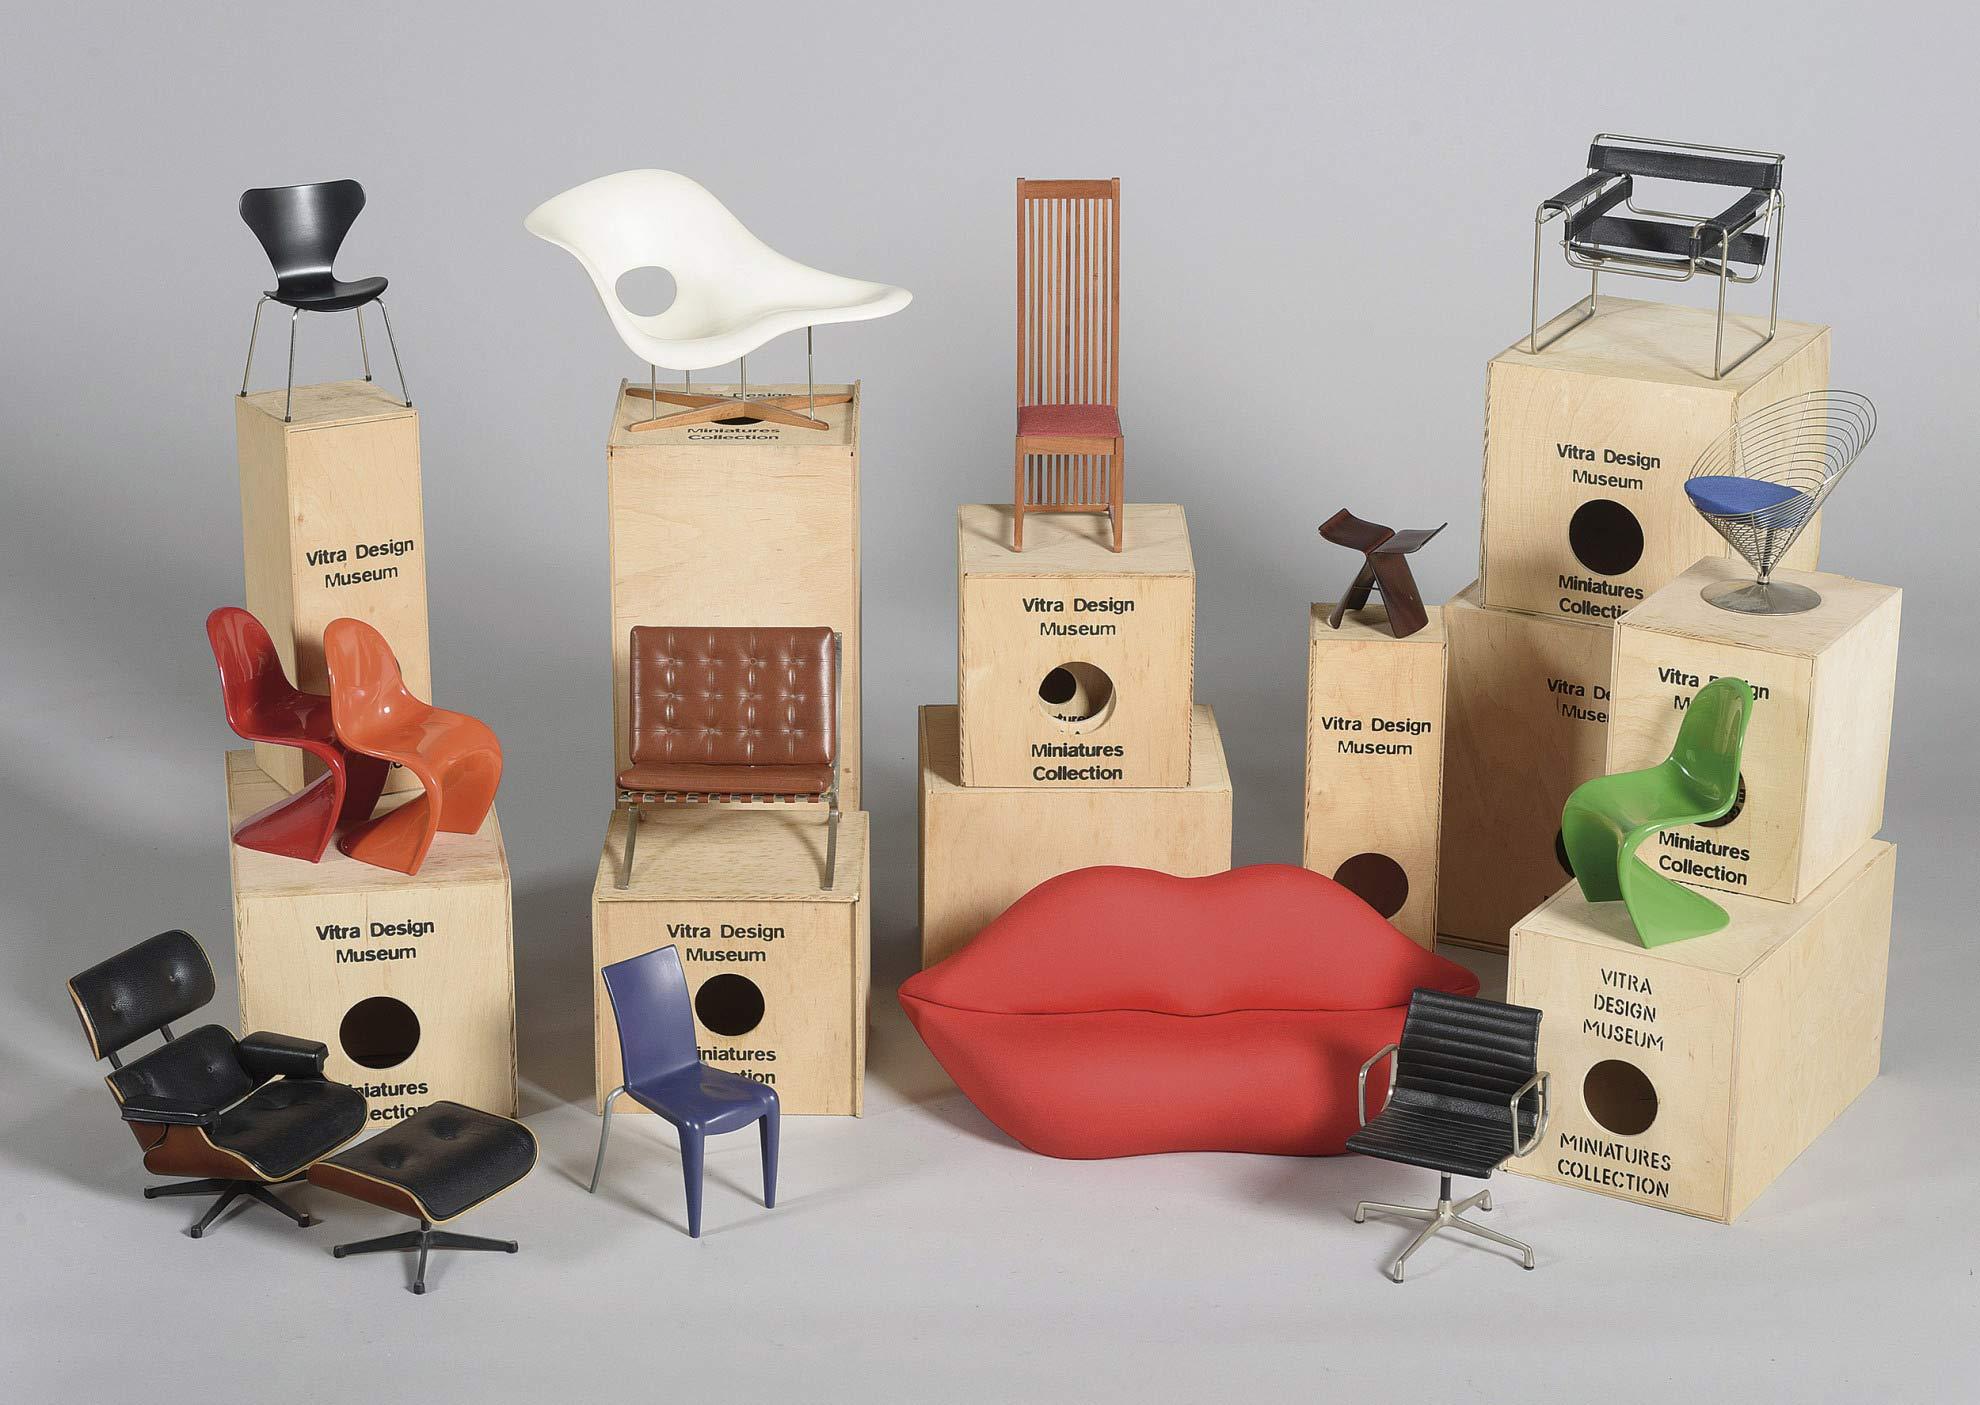 944-coleccion-de-24-sillas-de-vitra-design-museum.03